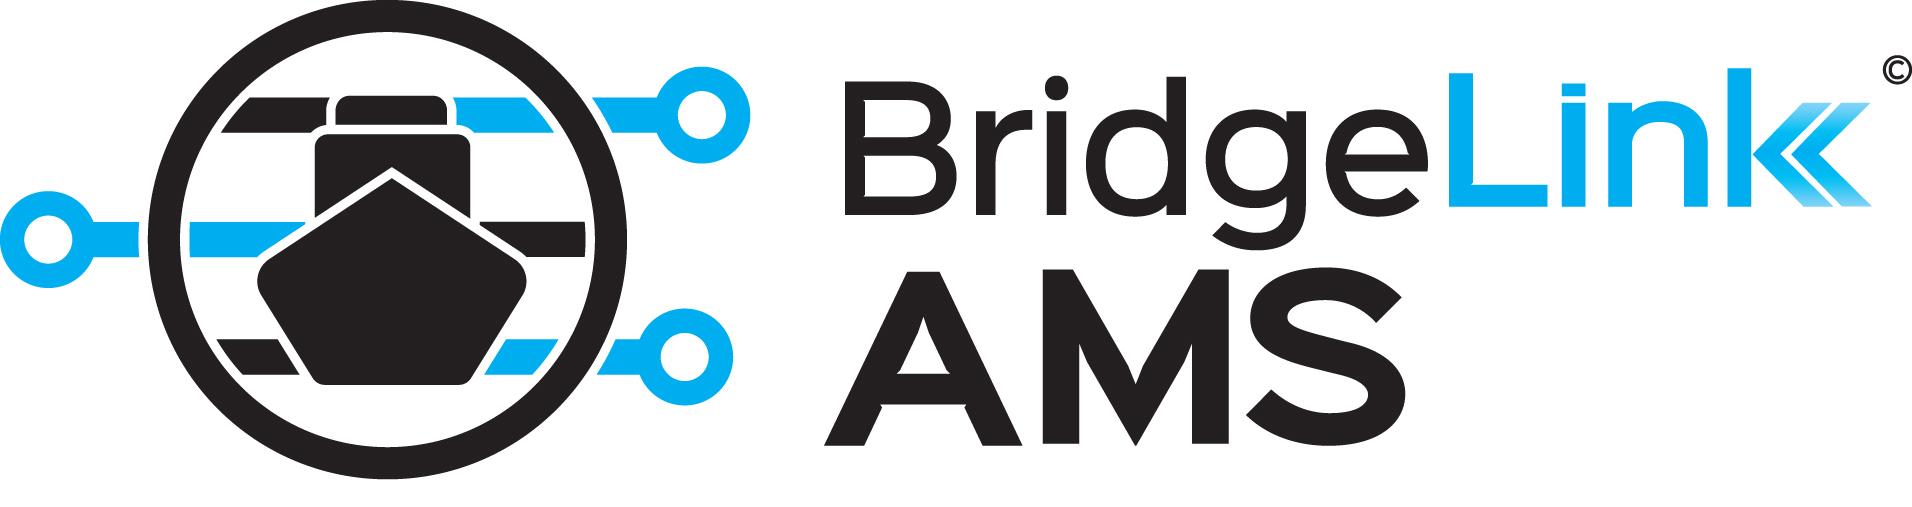 bridgelink ams logo